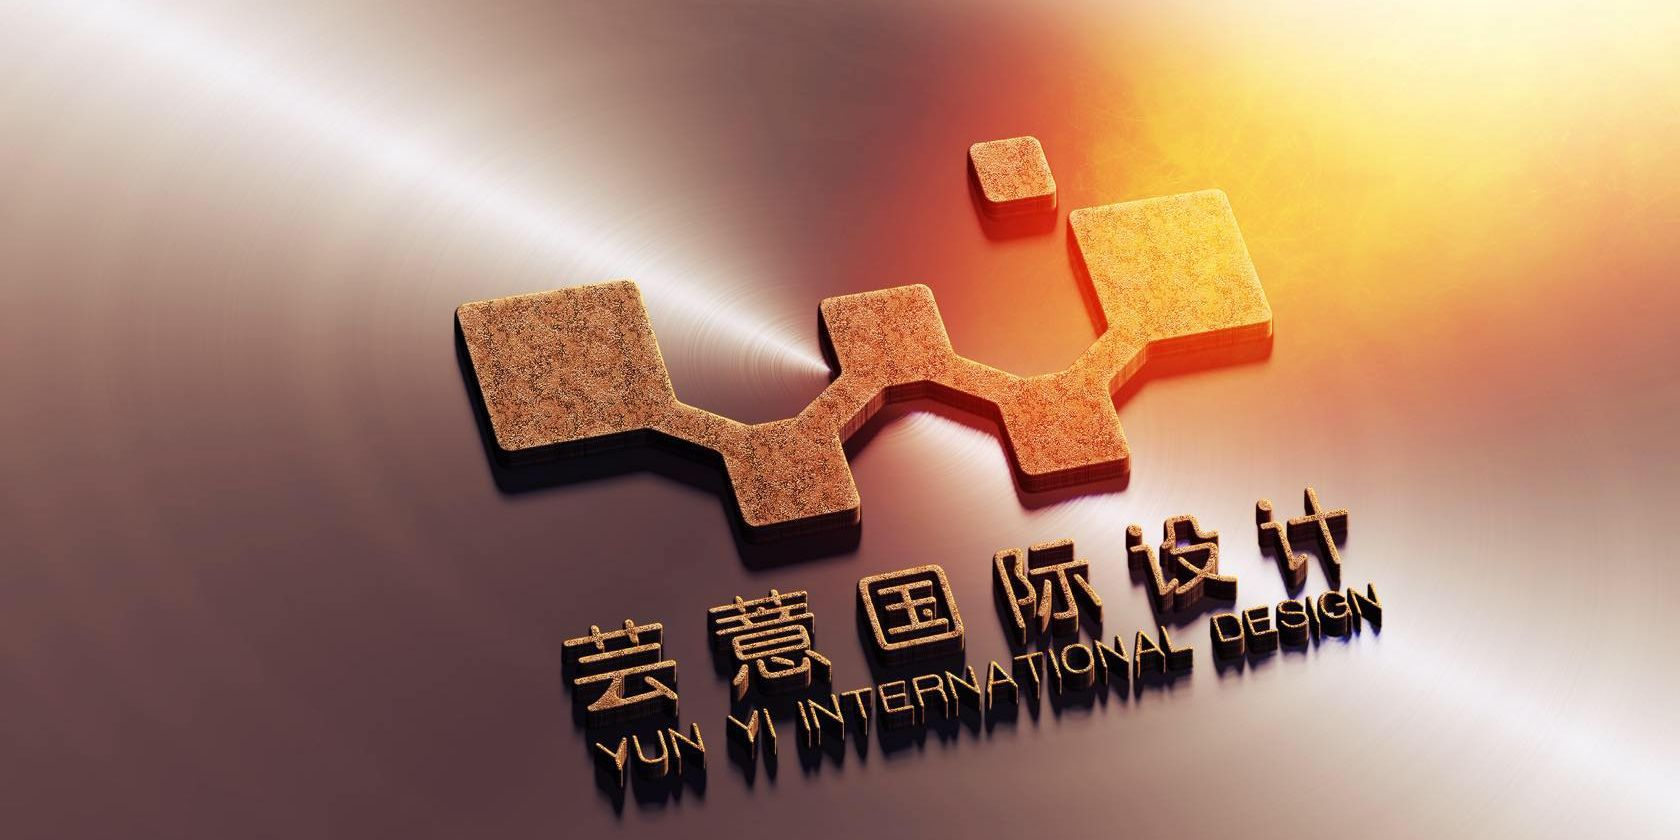 芸薏国际设计